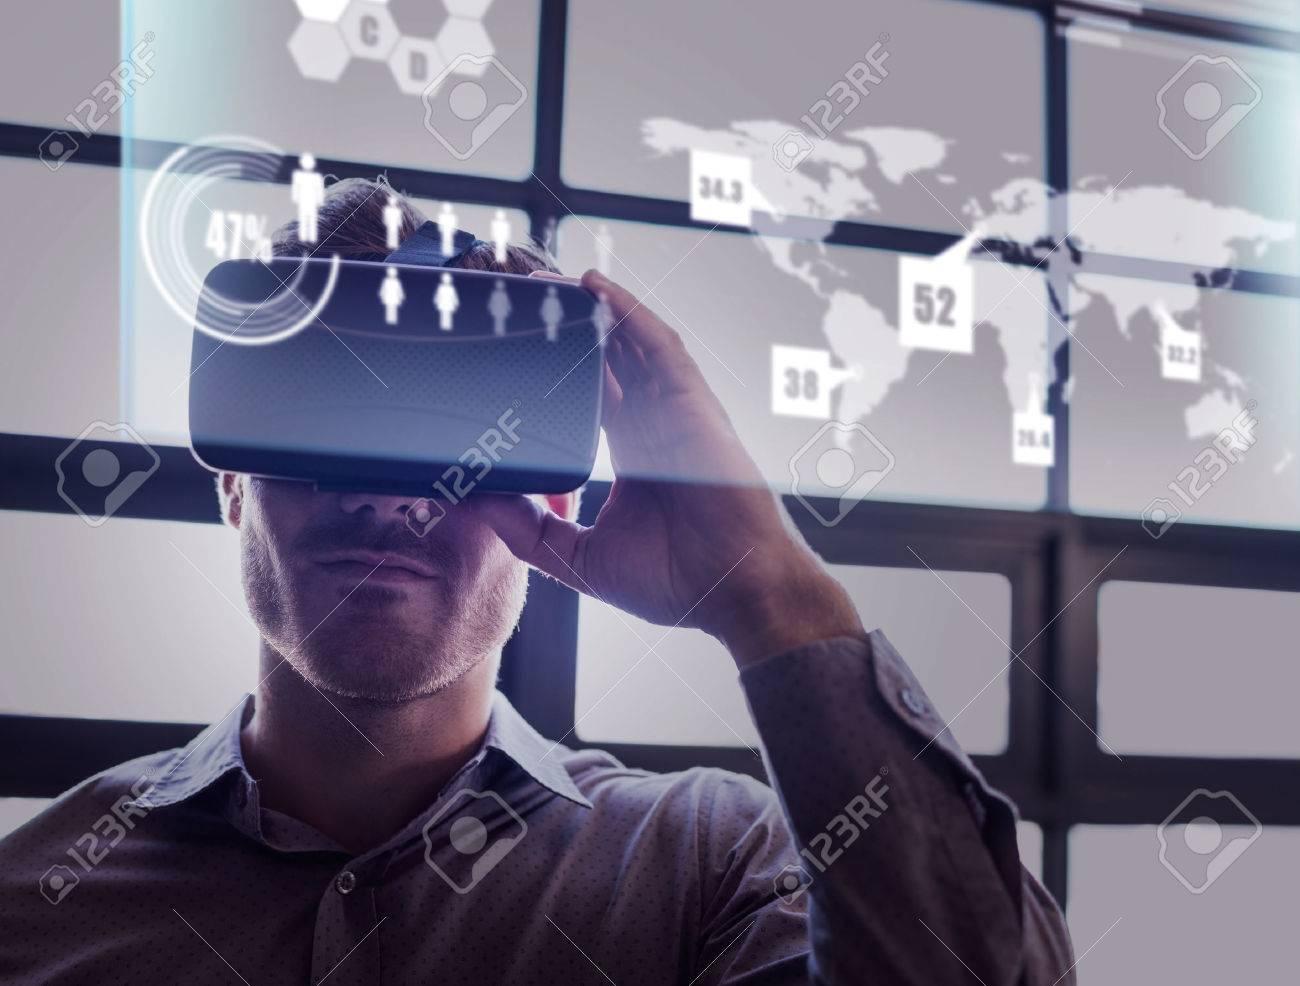 l'interface de technologie abstraite contre homme d'affaires en utilisant un dispositif de réalité virtuelle Banque d'images - 59424001